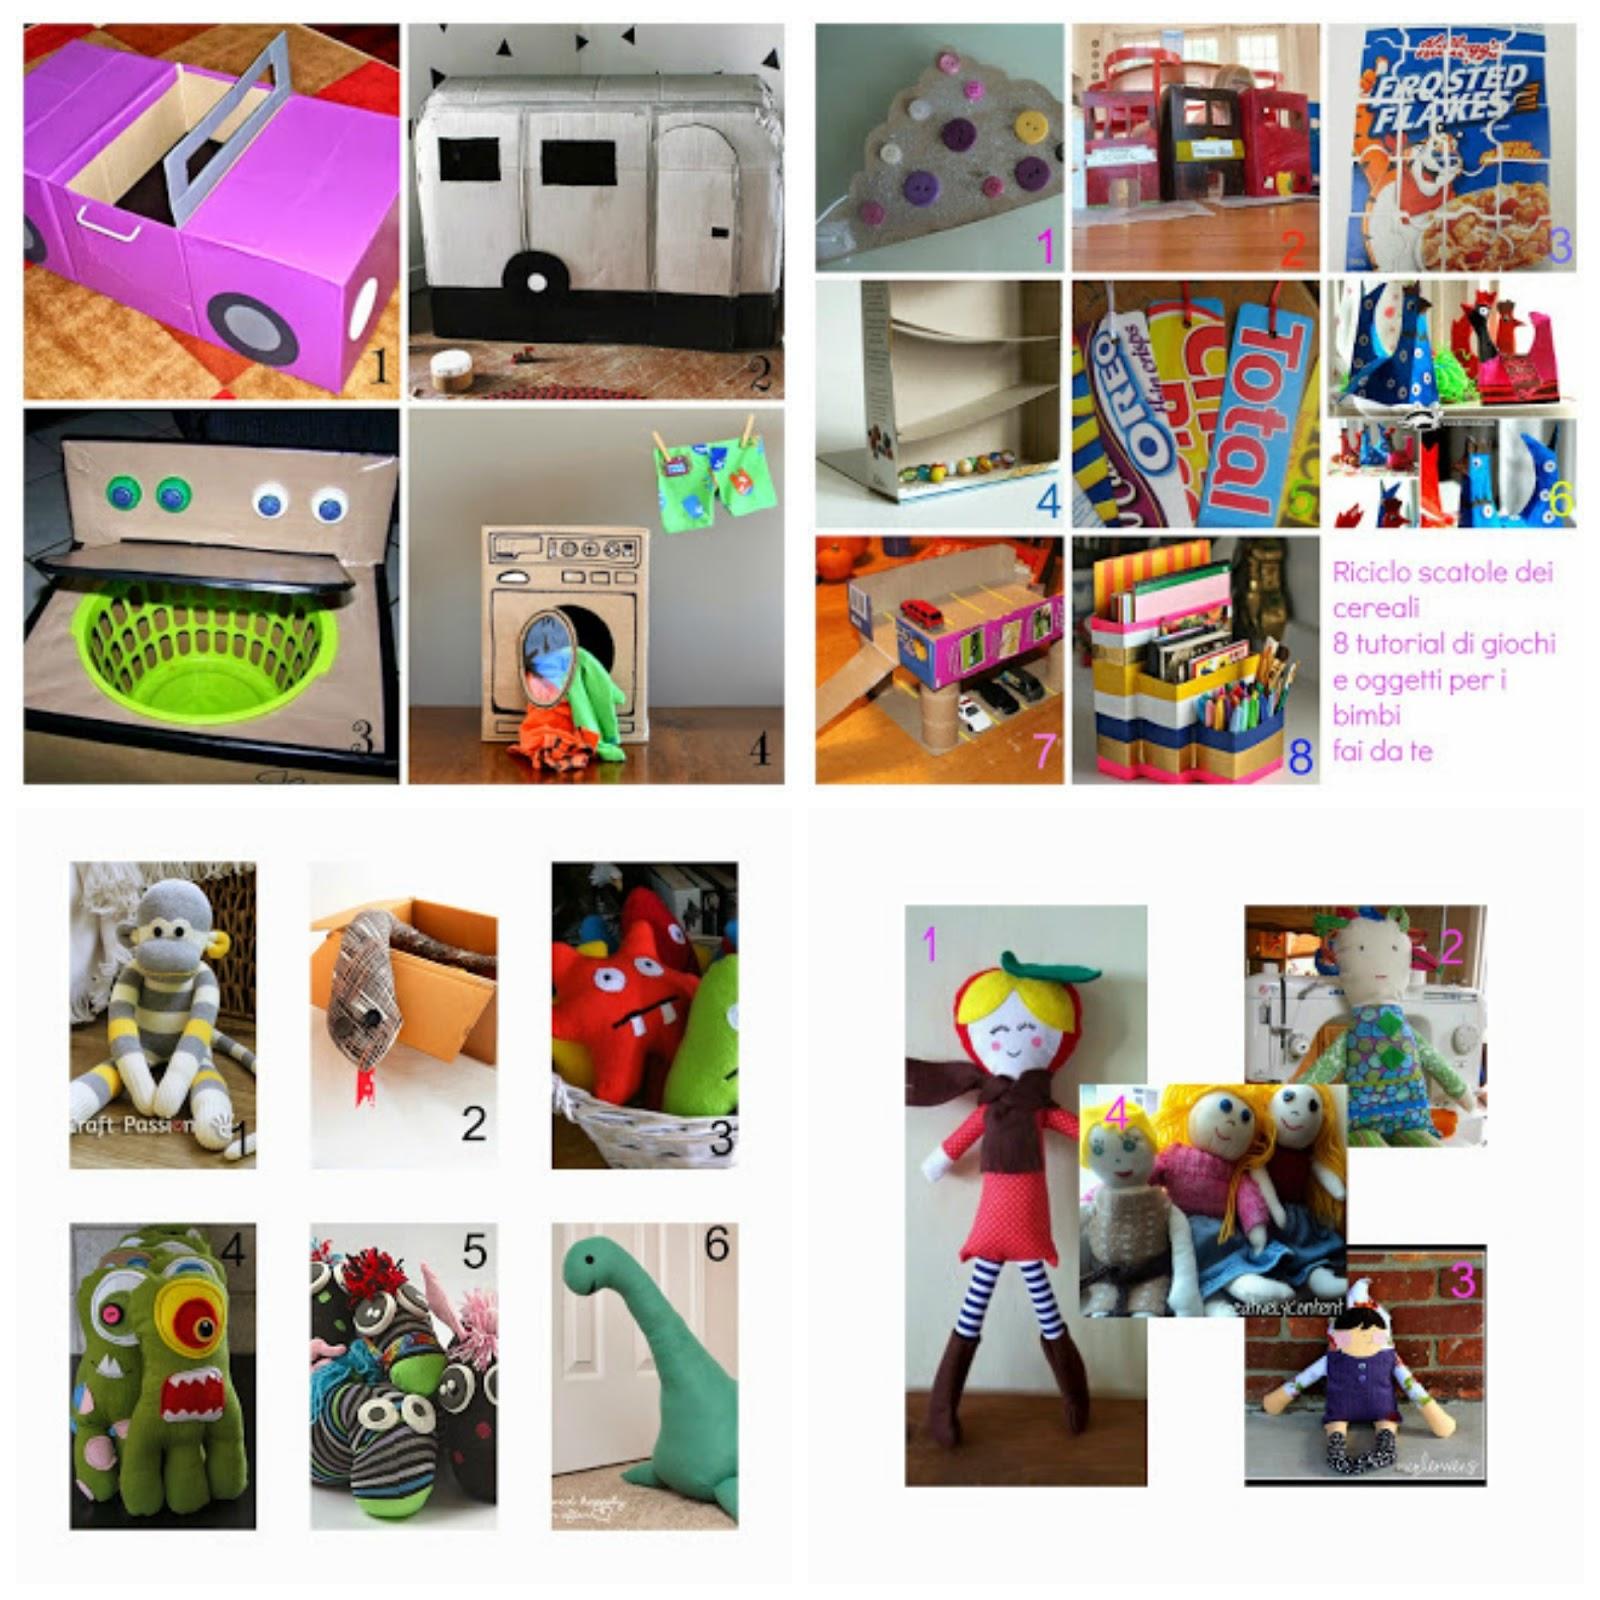 40 idee per creare giochi e bambole per bambini con - Idee shabby da creare ...